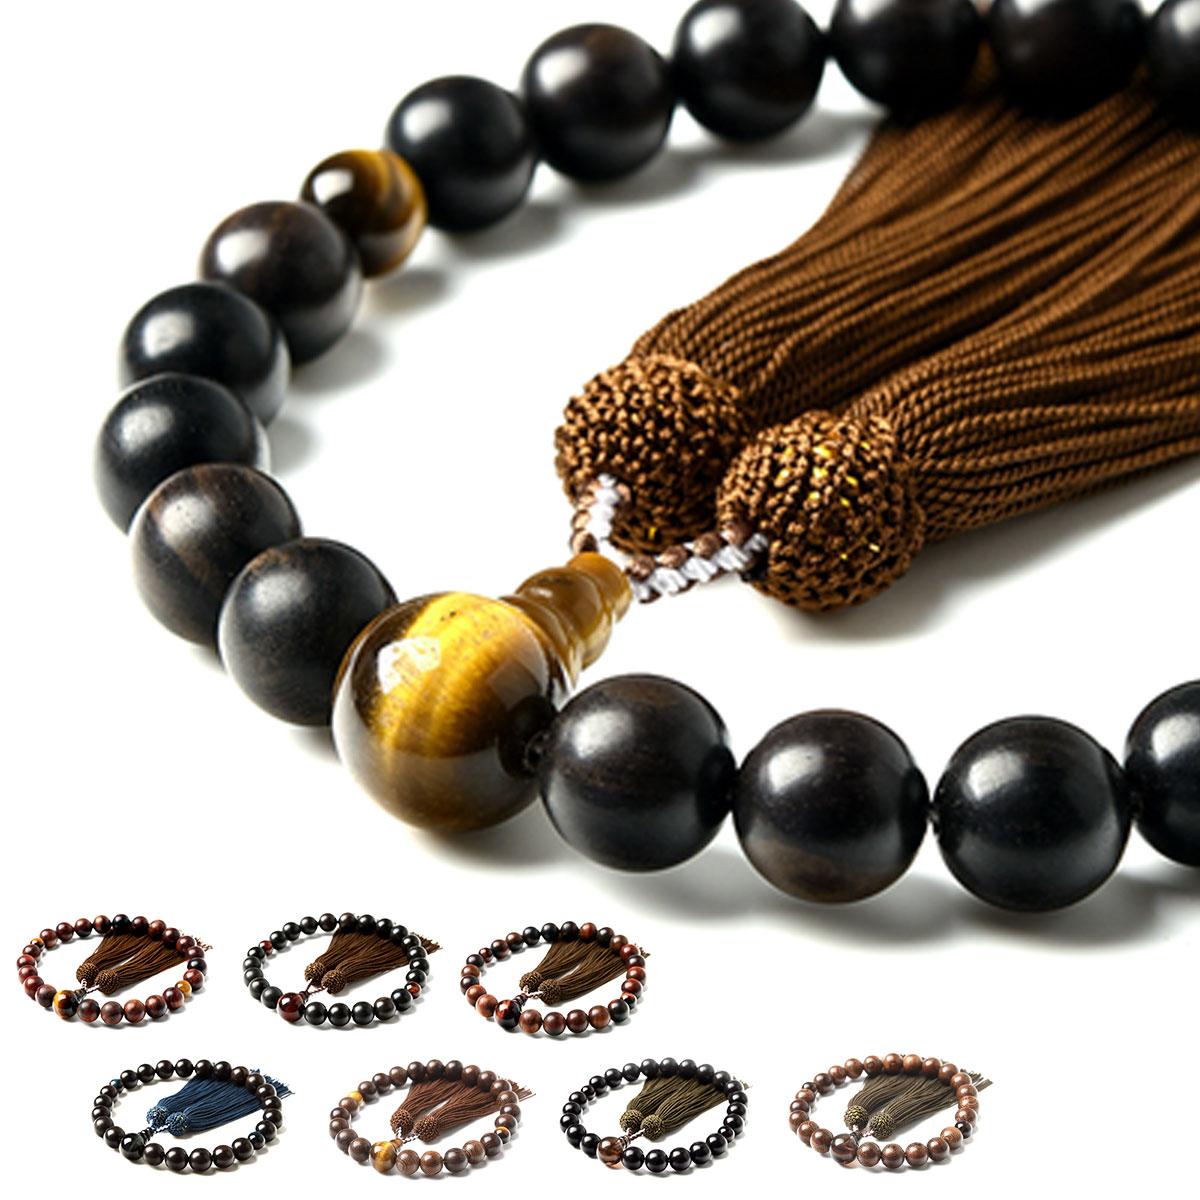 数珠 男性用 多種類選 数珠入れ 特典付 13mm 青虎目石 茶水晶 念珠 天然石 juzu